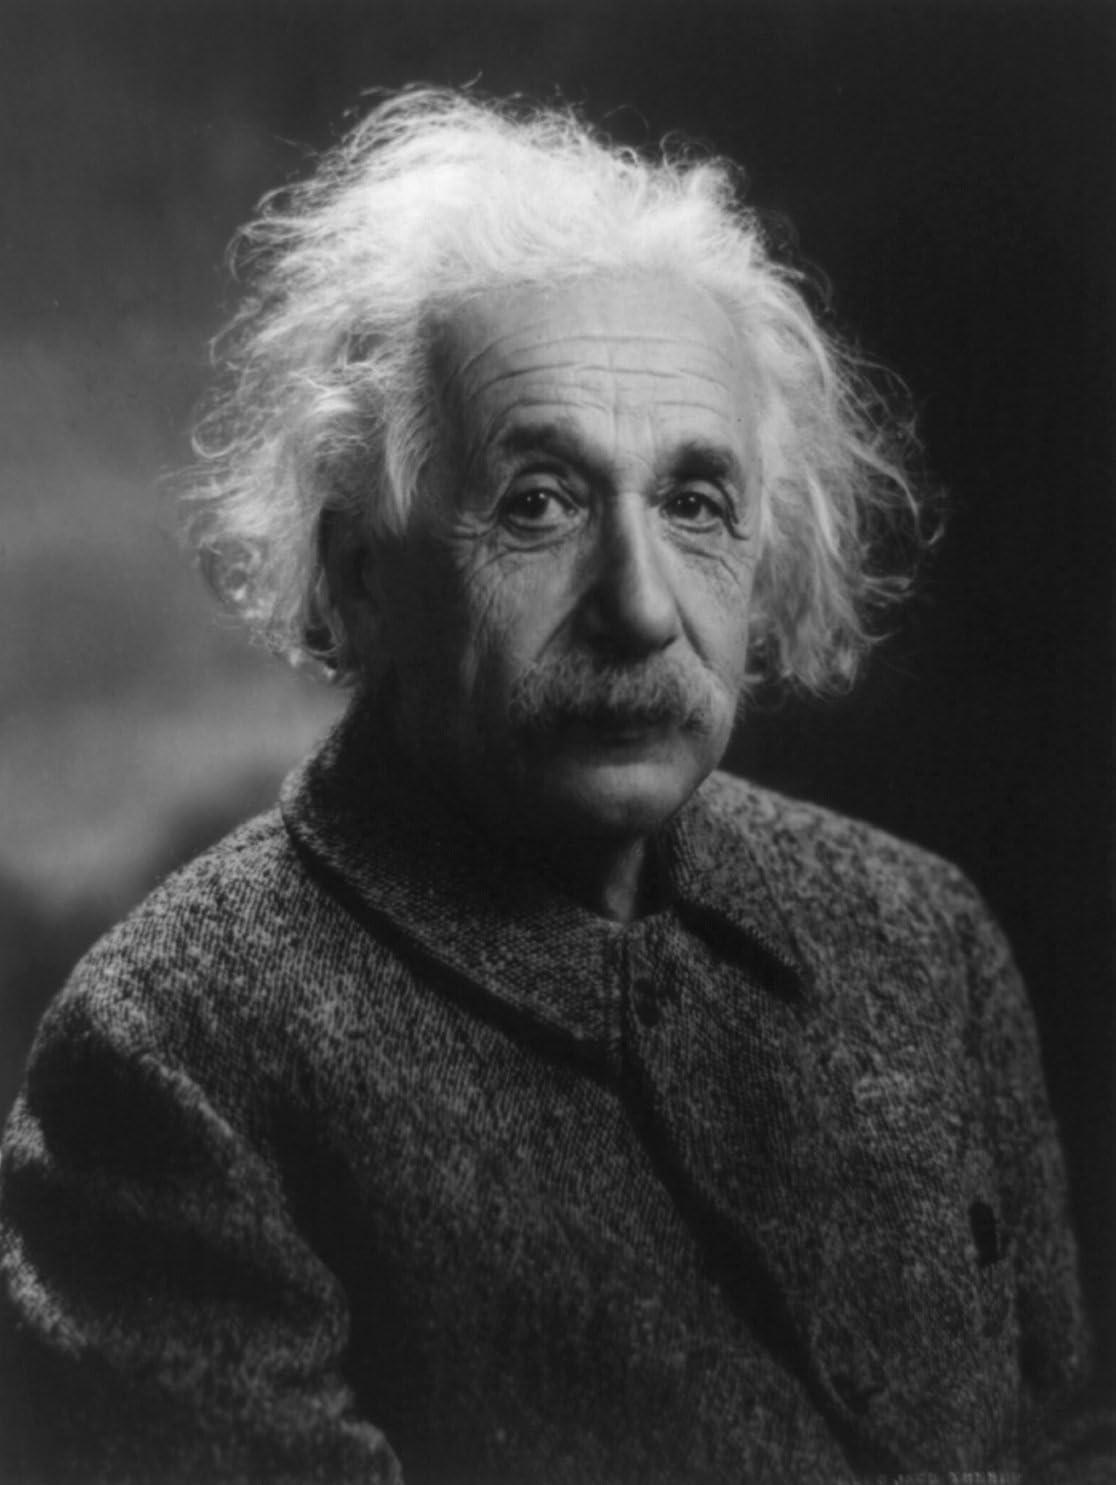 Albert Einstein 1947 safety Photo Great discount 8x10 Photos Americans